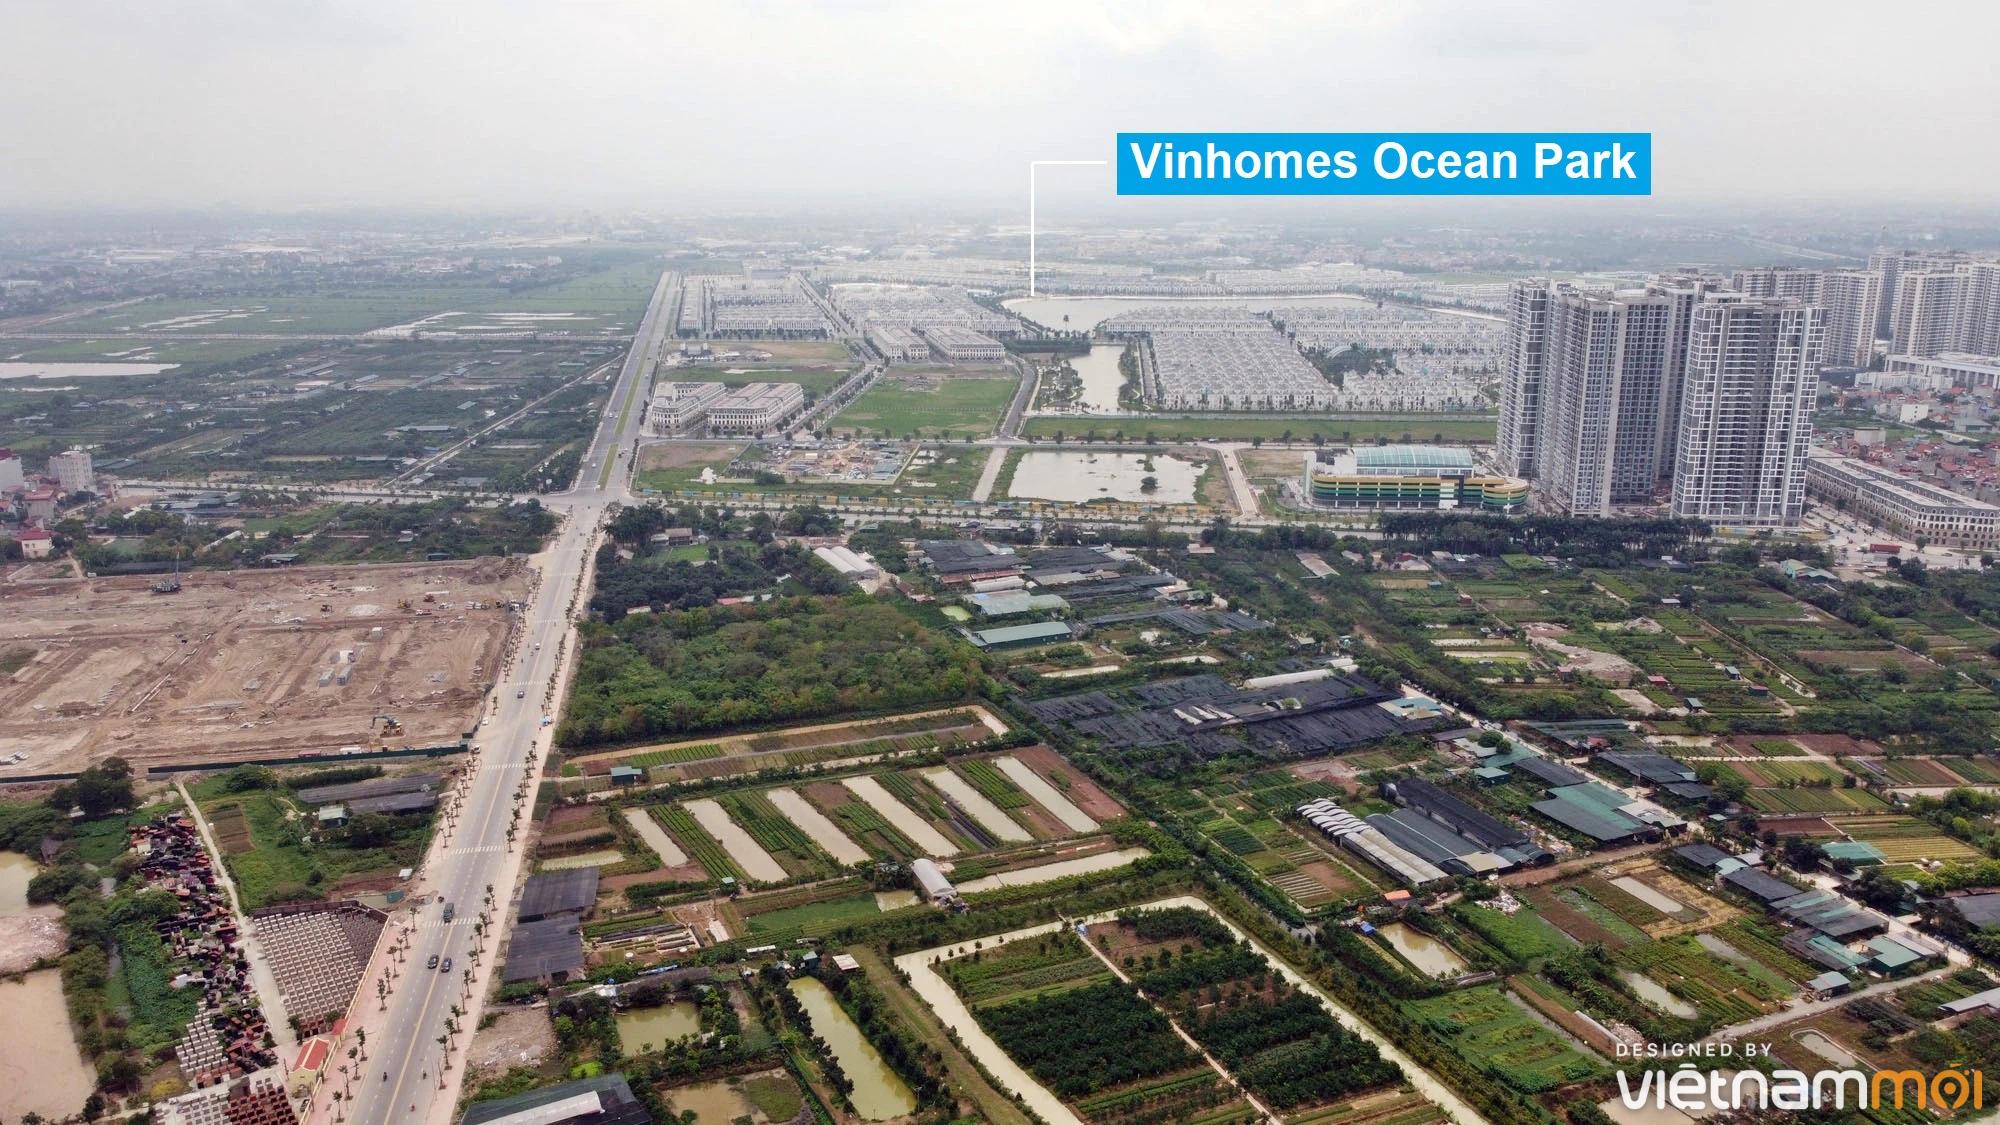 Toàn cảnh đường từ Kiêu Kỵ đến sông Cầu Bây qua Vinhomes Ocean Park đang mở theo quy hoạch ở Hà Nội - Ảnh 7.